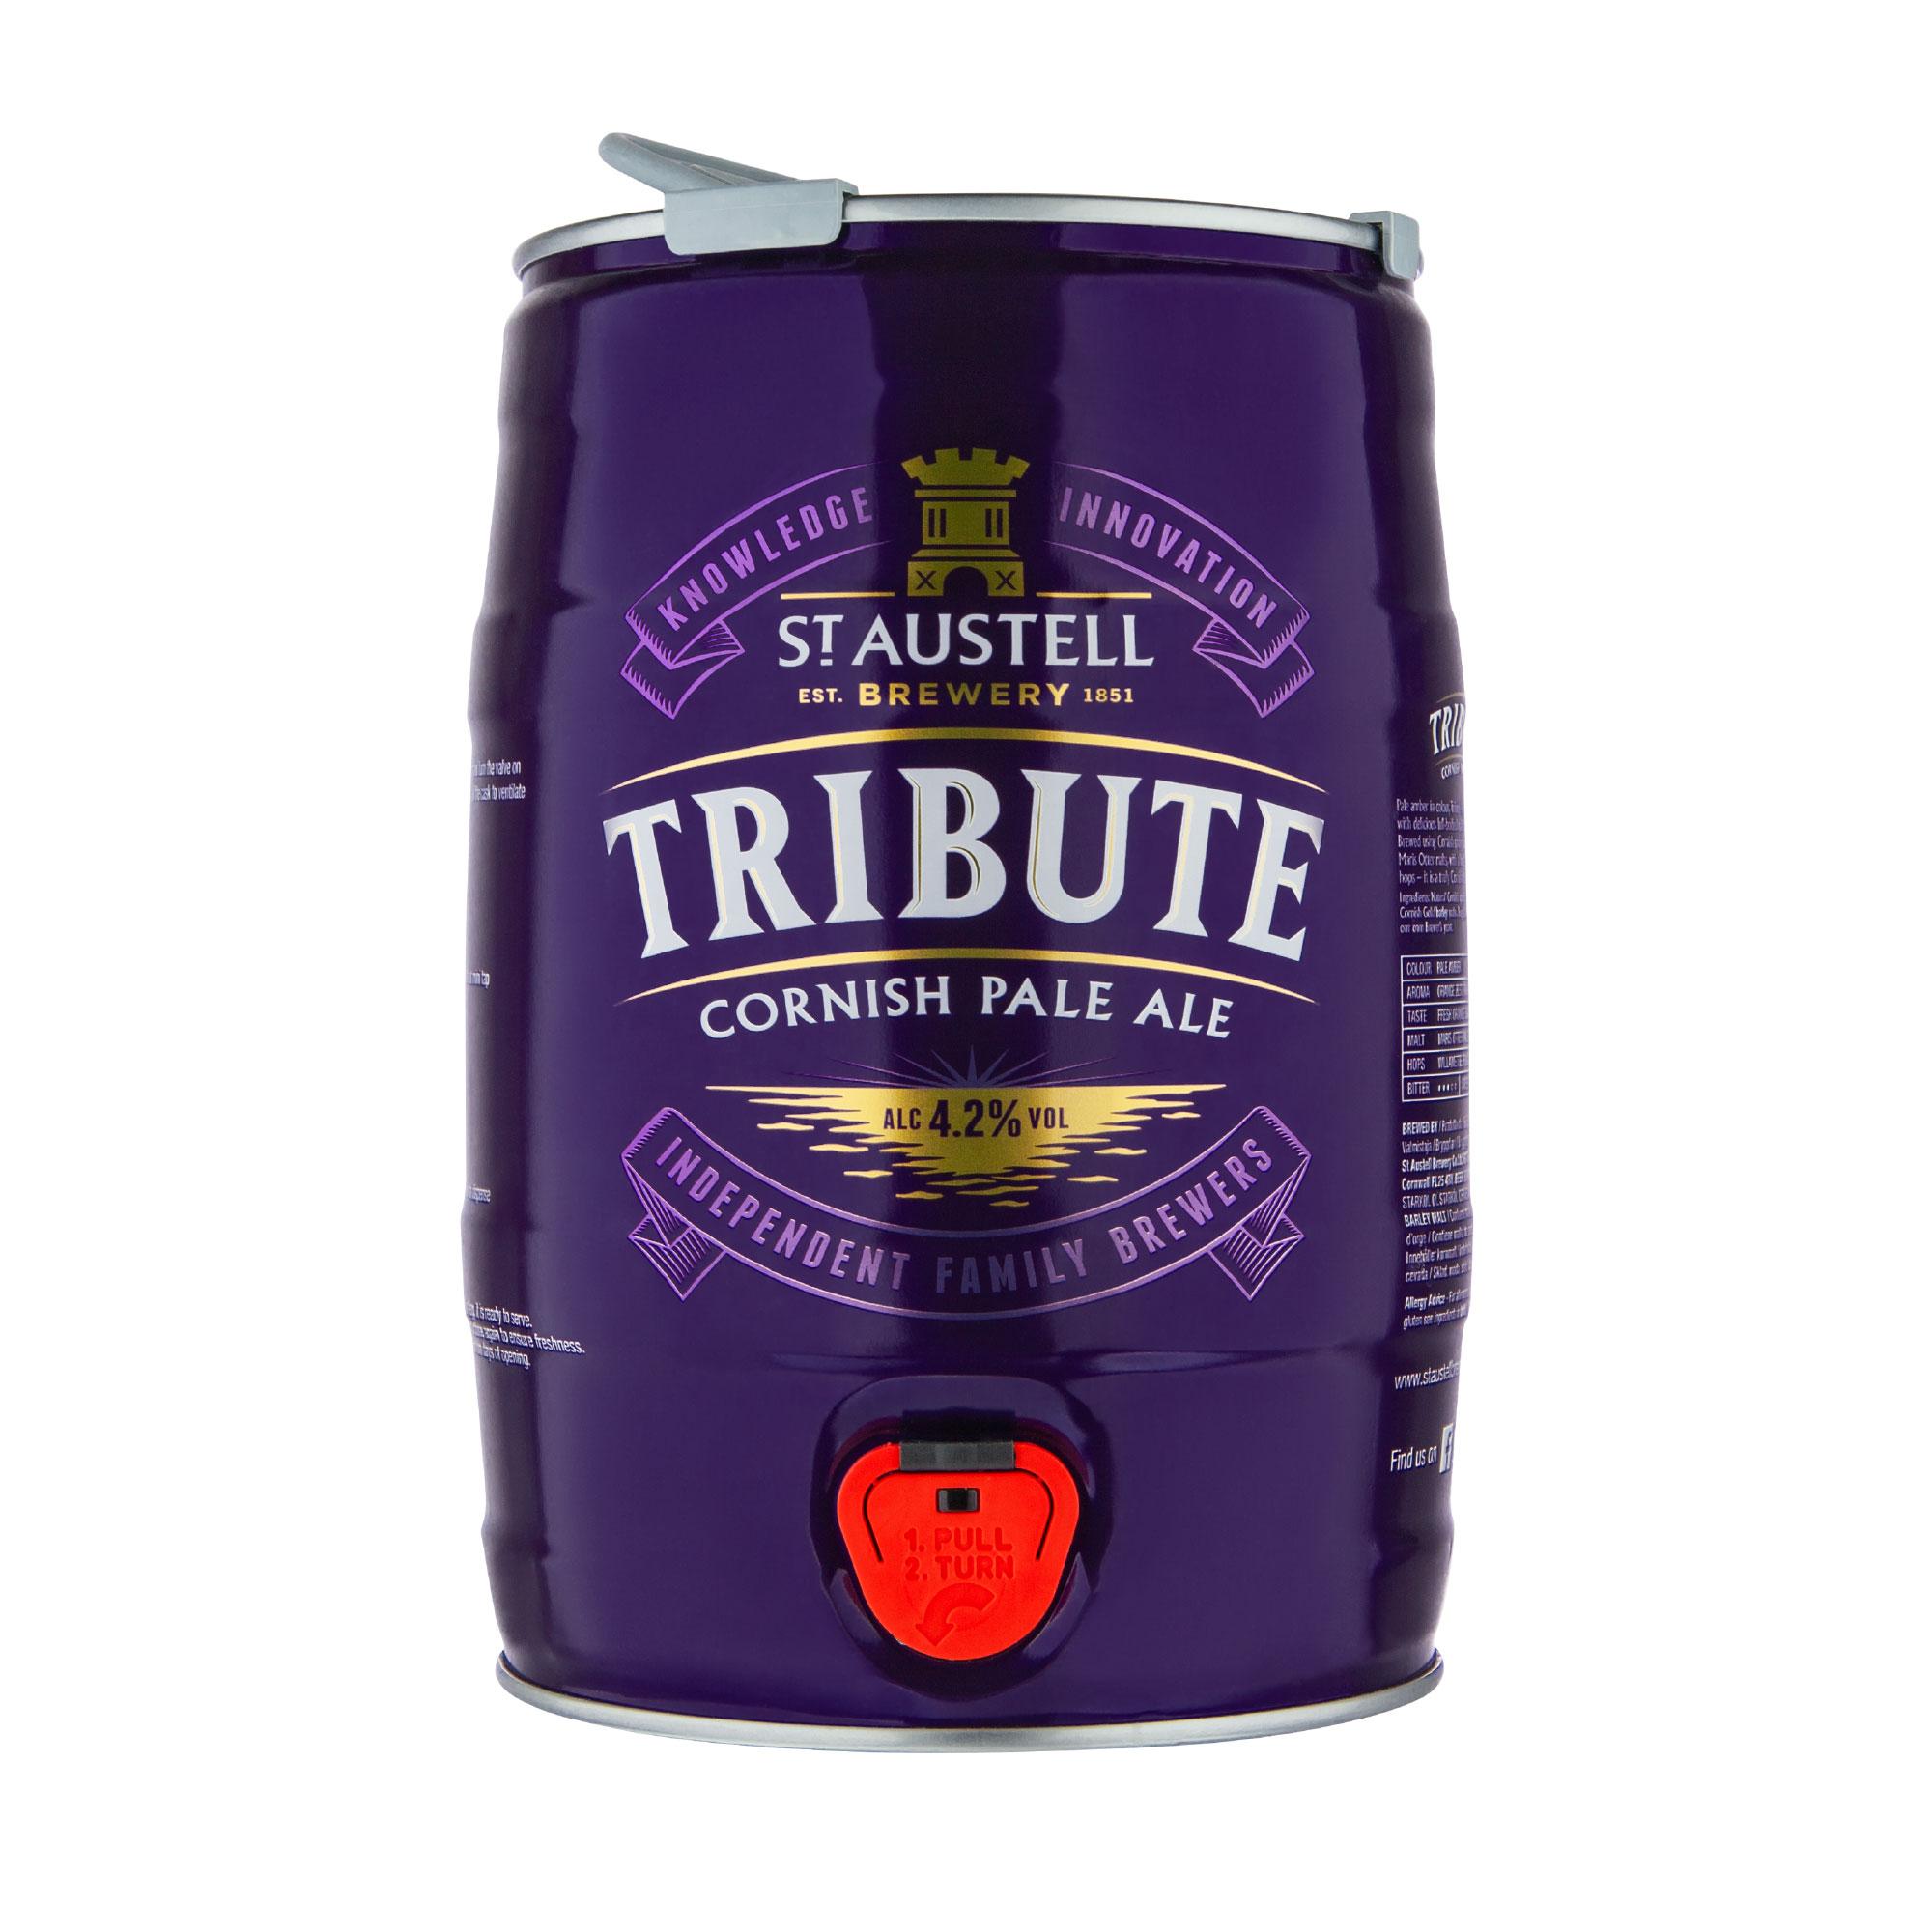 Tribute mini keg